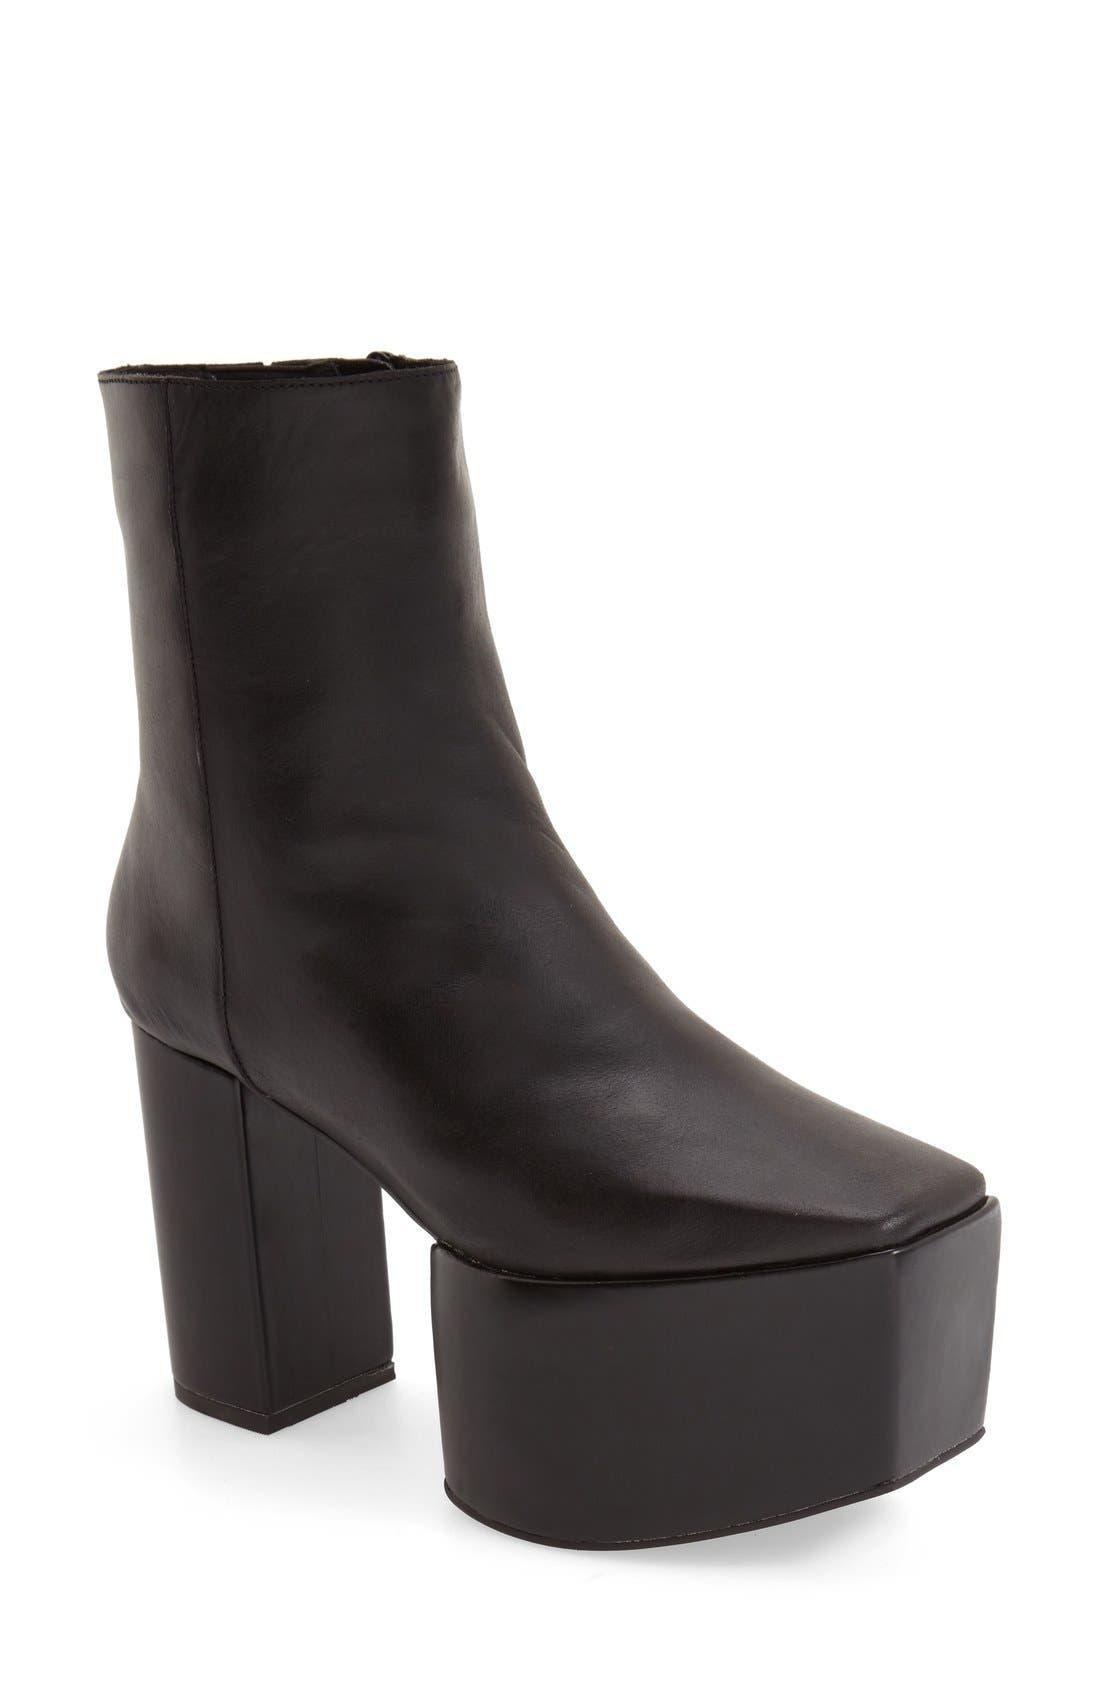 Alternate Image 1 Selected - Jeffrey Campbell 'Marcade' Block Heel Platform Bootie (Women)